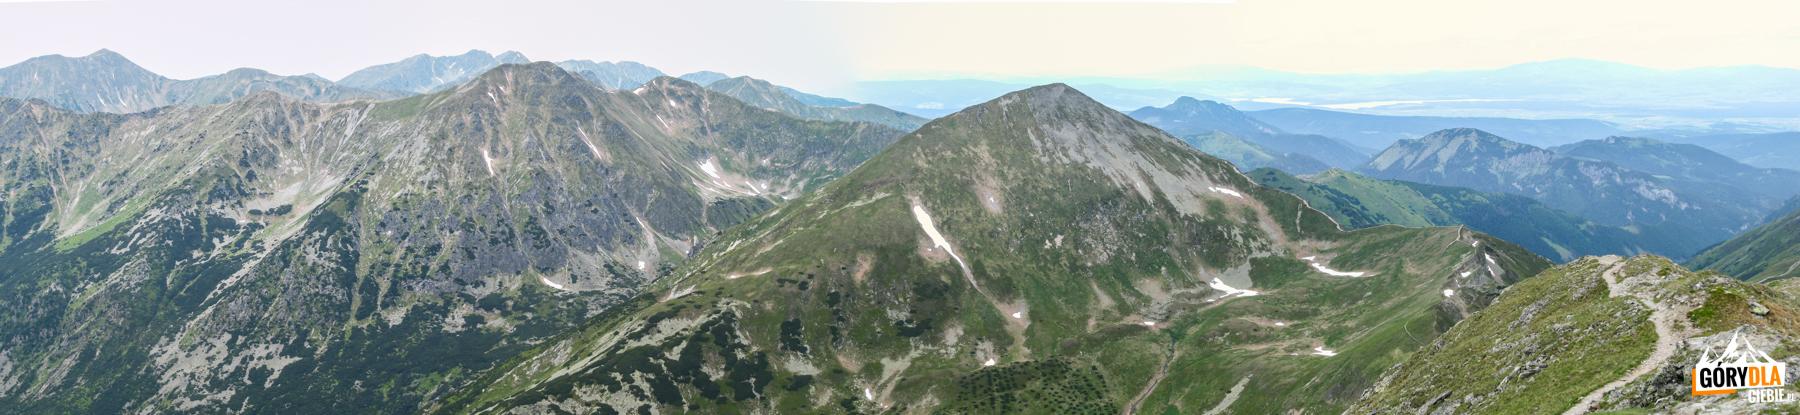 Widok z Bystrej (2248 m): grań Otargańcy, Raczkowa Czuba (2194 m) Jarząbczy Wierch (2137 m) i Starorobociański Wierch (2176 m)